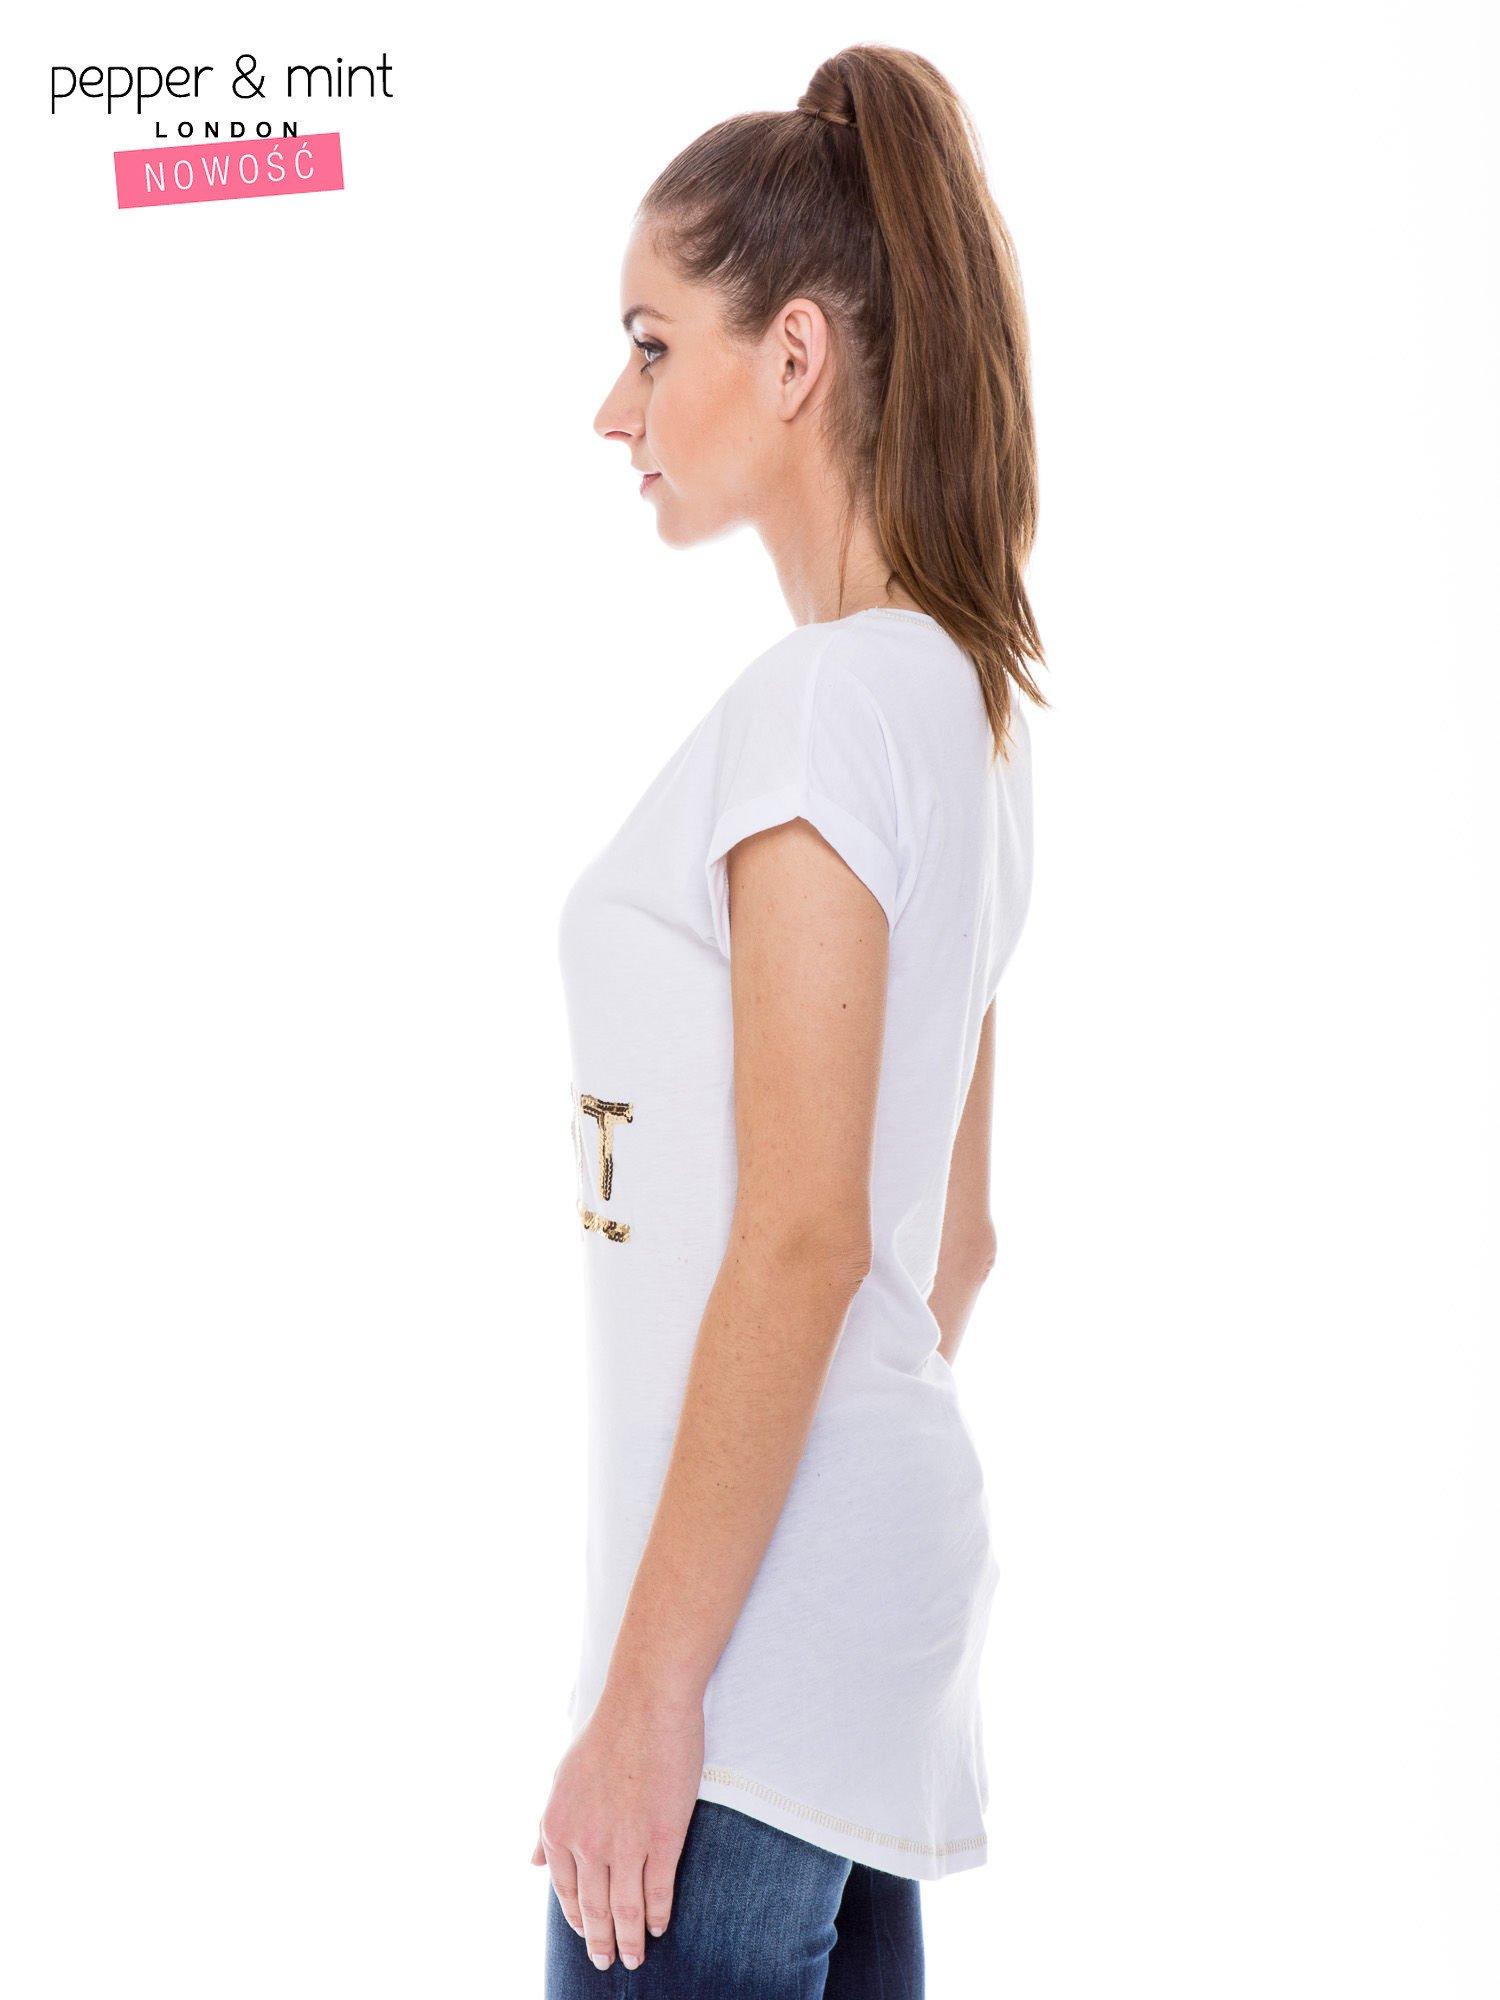 Biały t-shirt z cekinowym nadrukiem w stylu glamour                                  zdj.                                  2